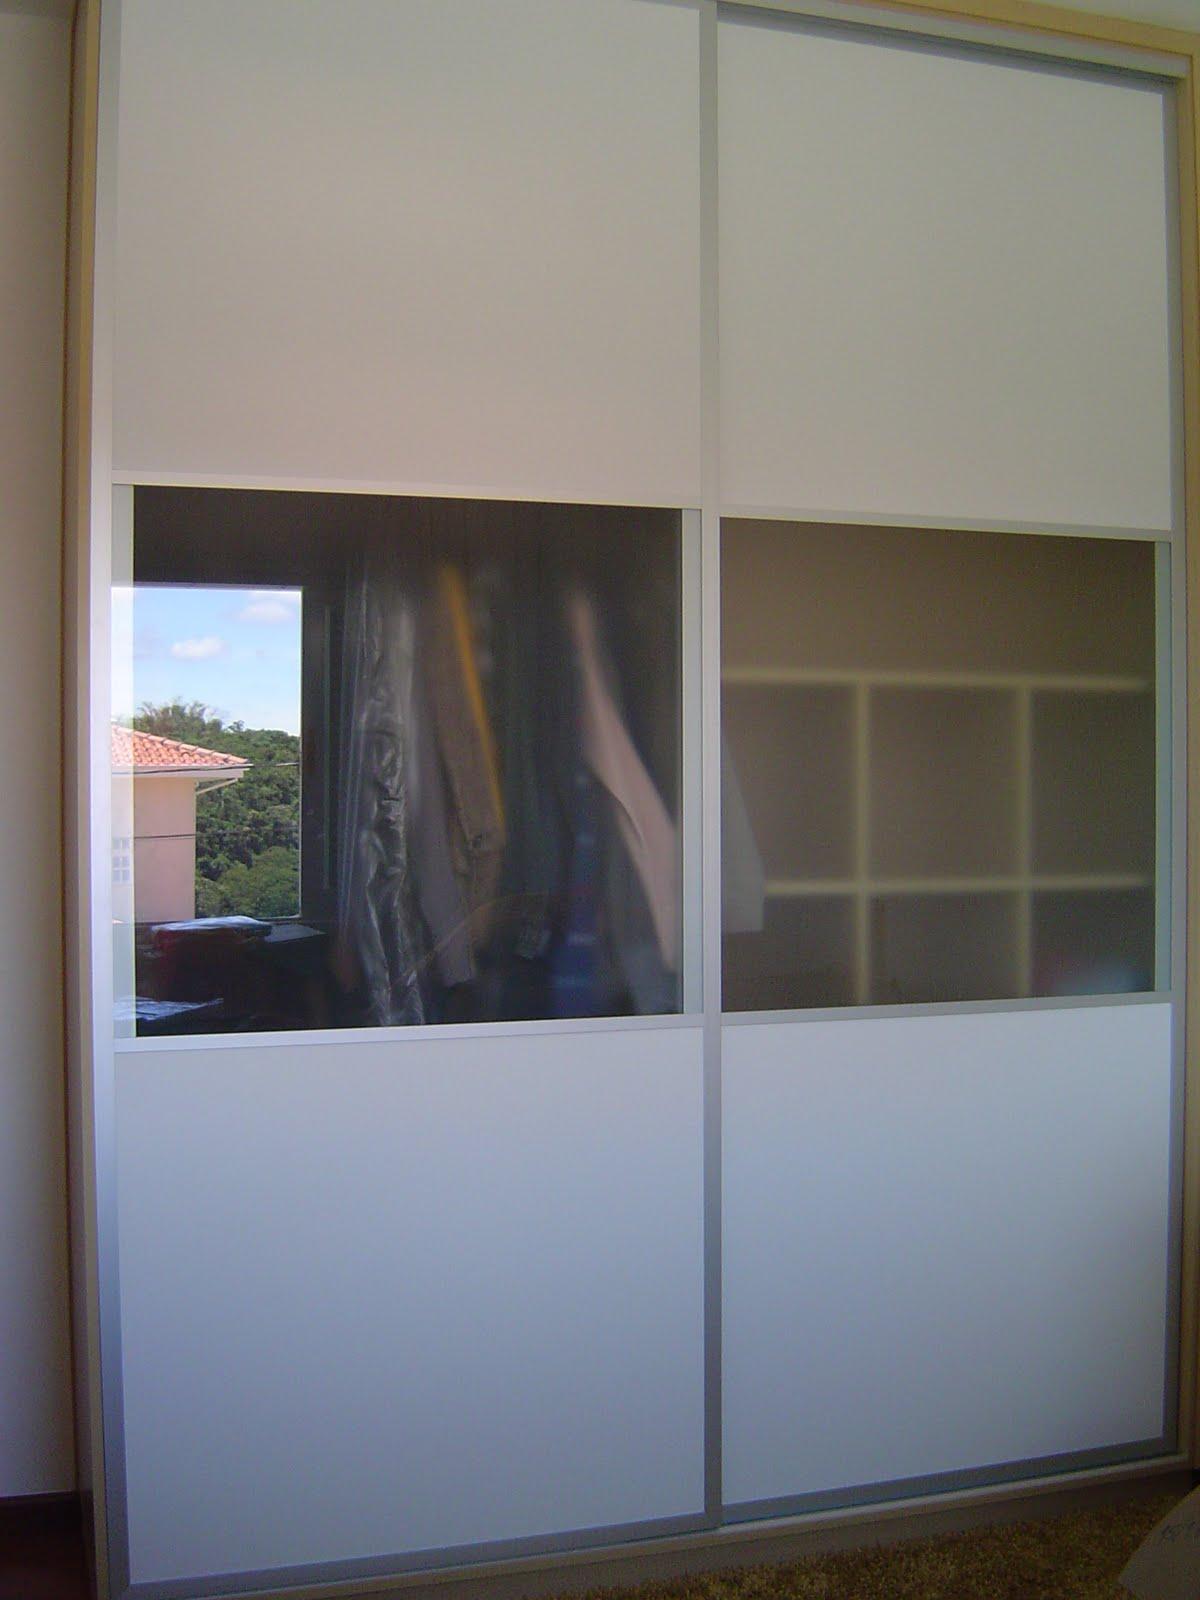 Imagens de #3B5890 MARCENARIA CASARIN: ARMARIO COM PORTAS DE CORRER EM PERFIL DE ALUMINIO 1200x1600 px 3440 Bloco Cad Armario Banheiro